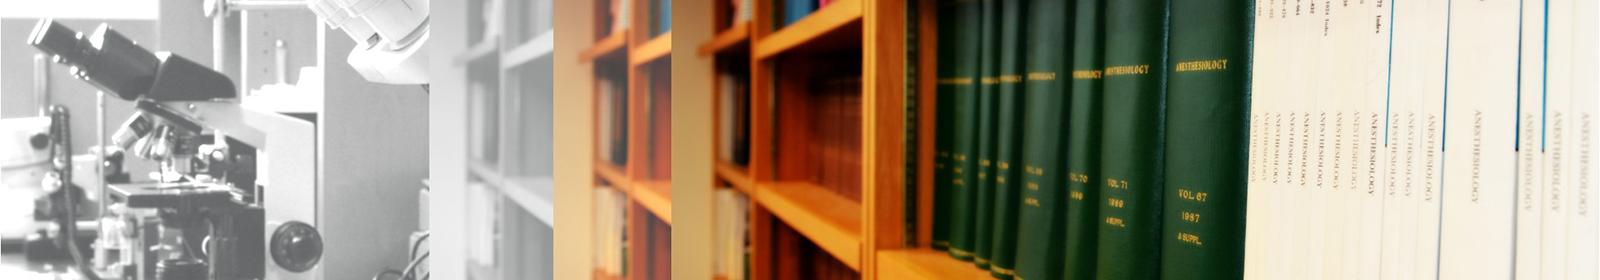 Education & Publication